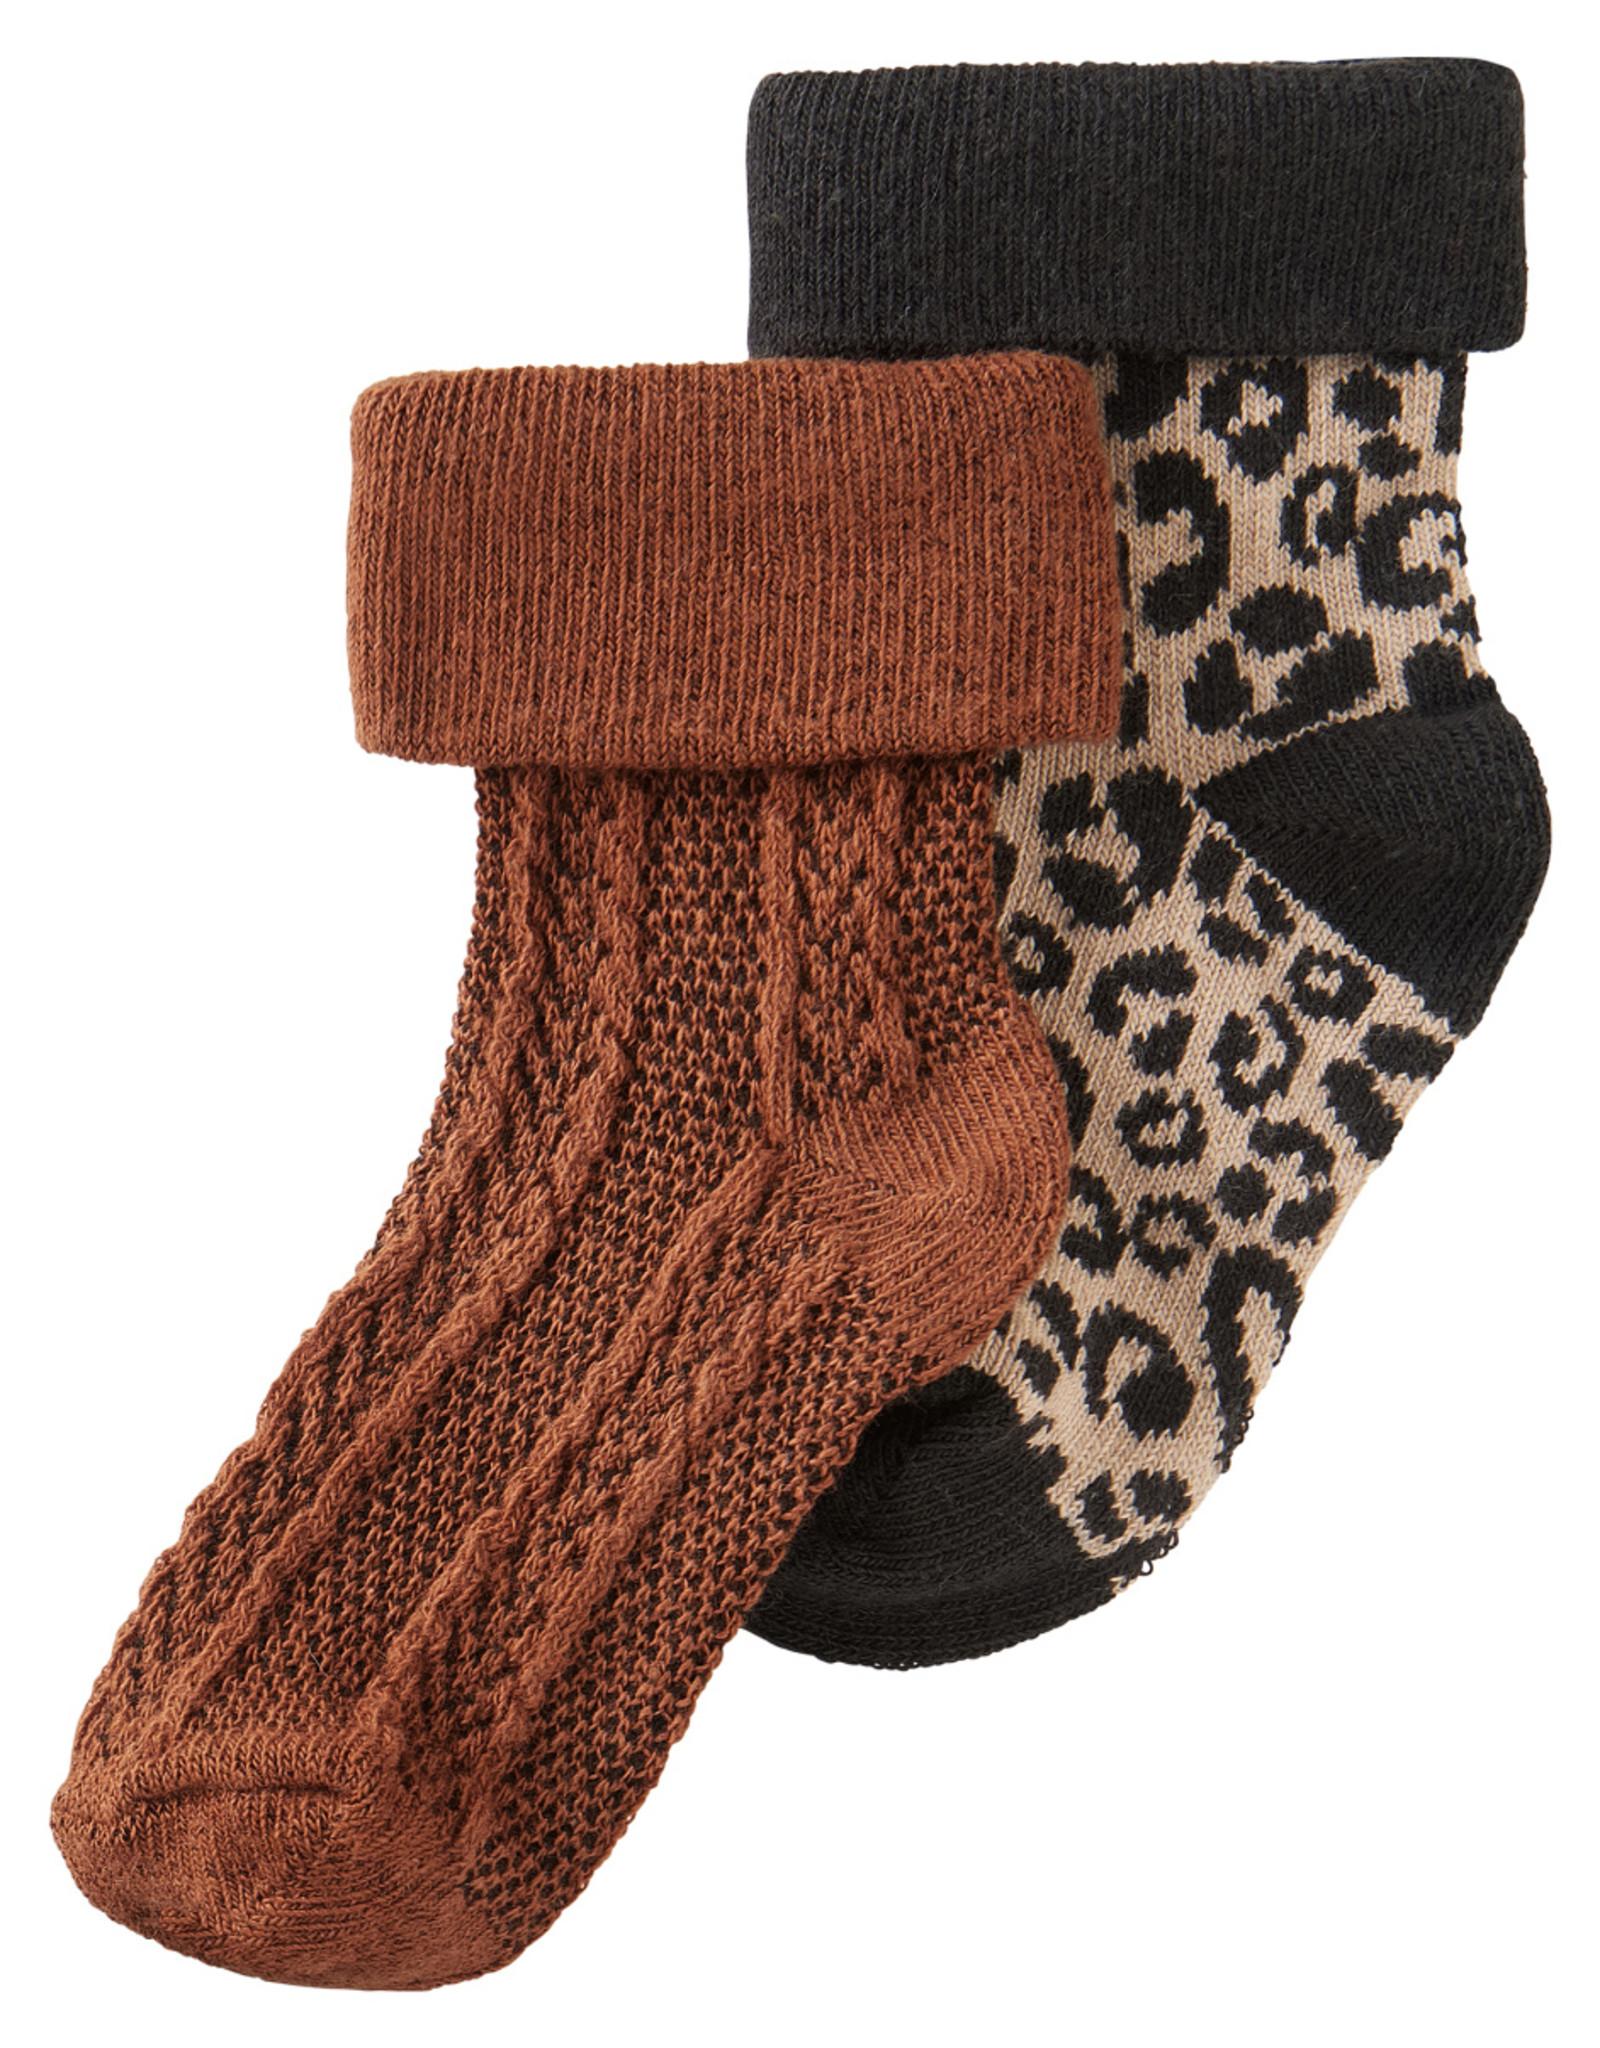 Noppies Noppies G Socks 2-pack Harding Rust